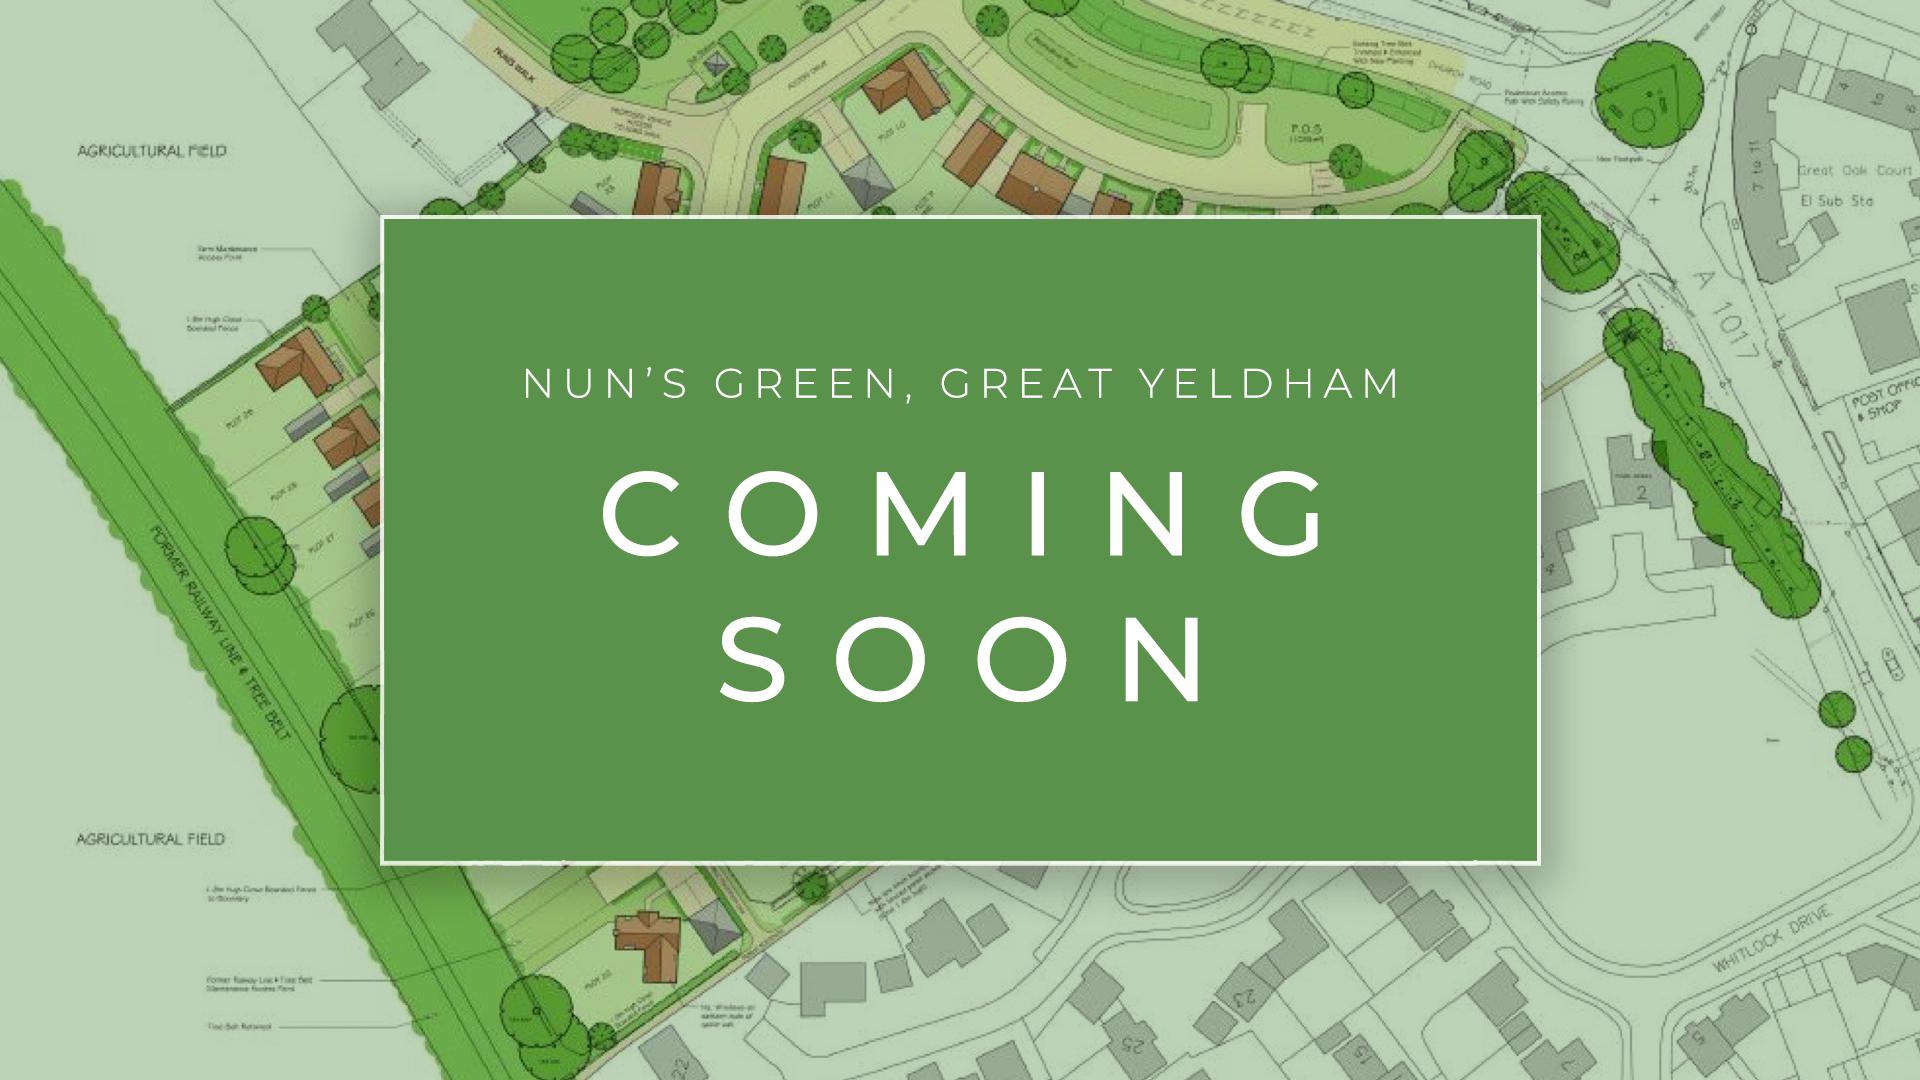 Nun's Green